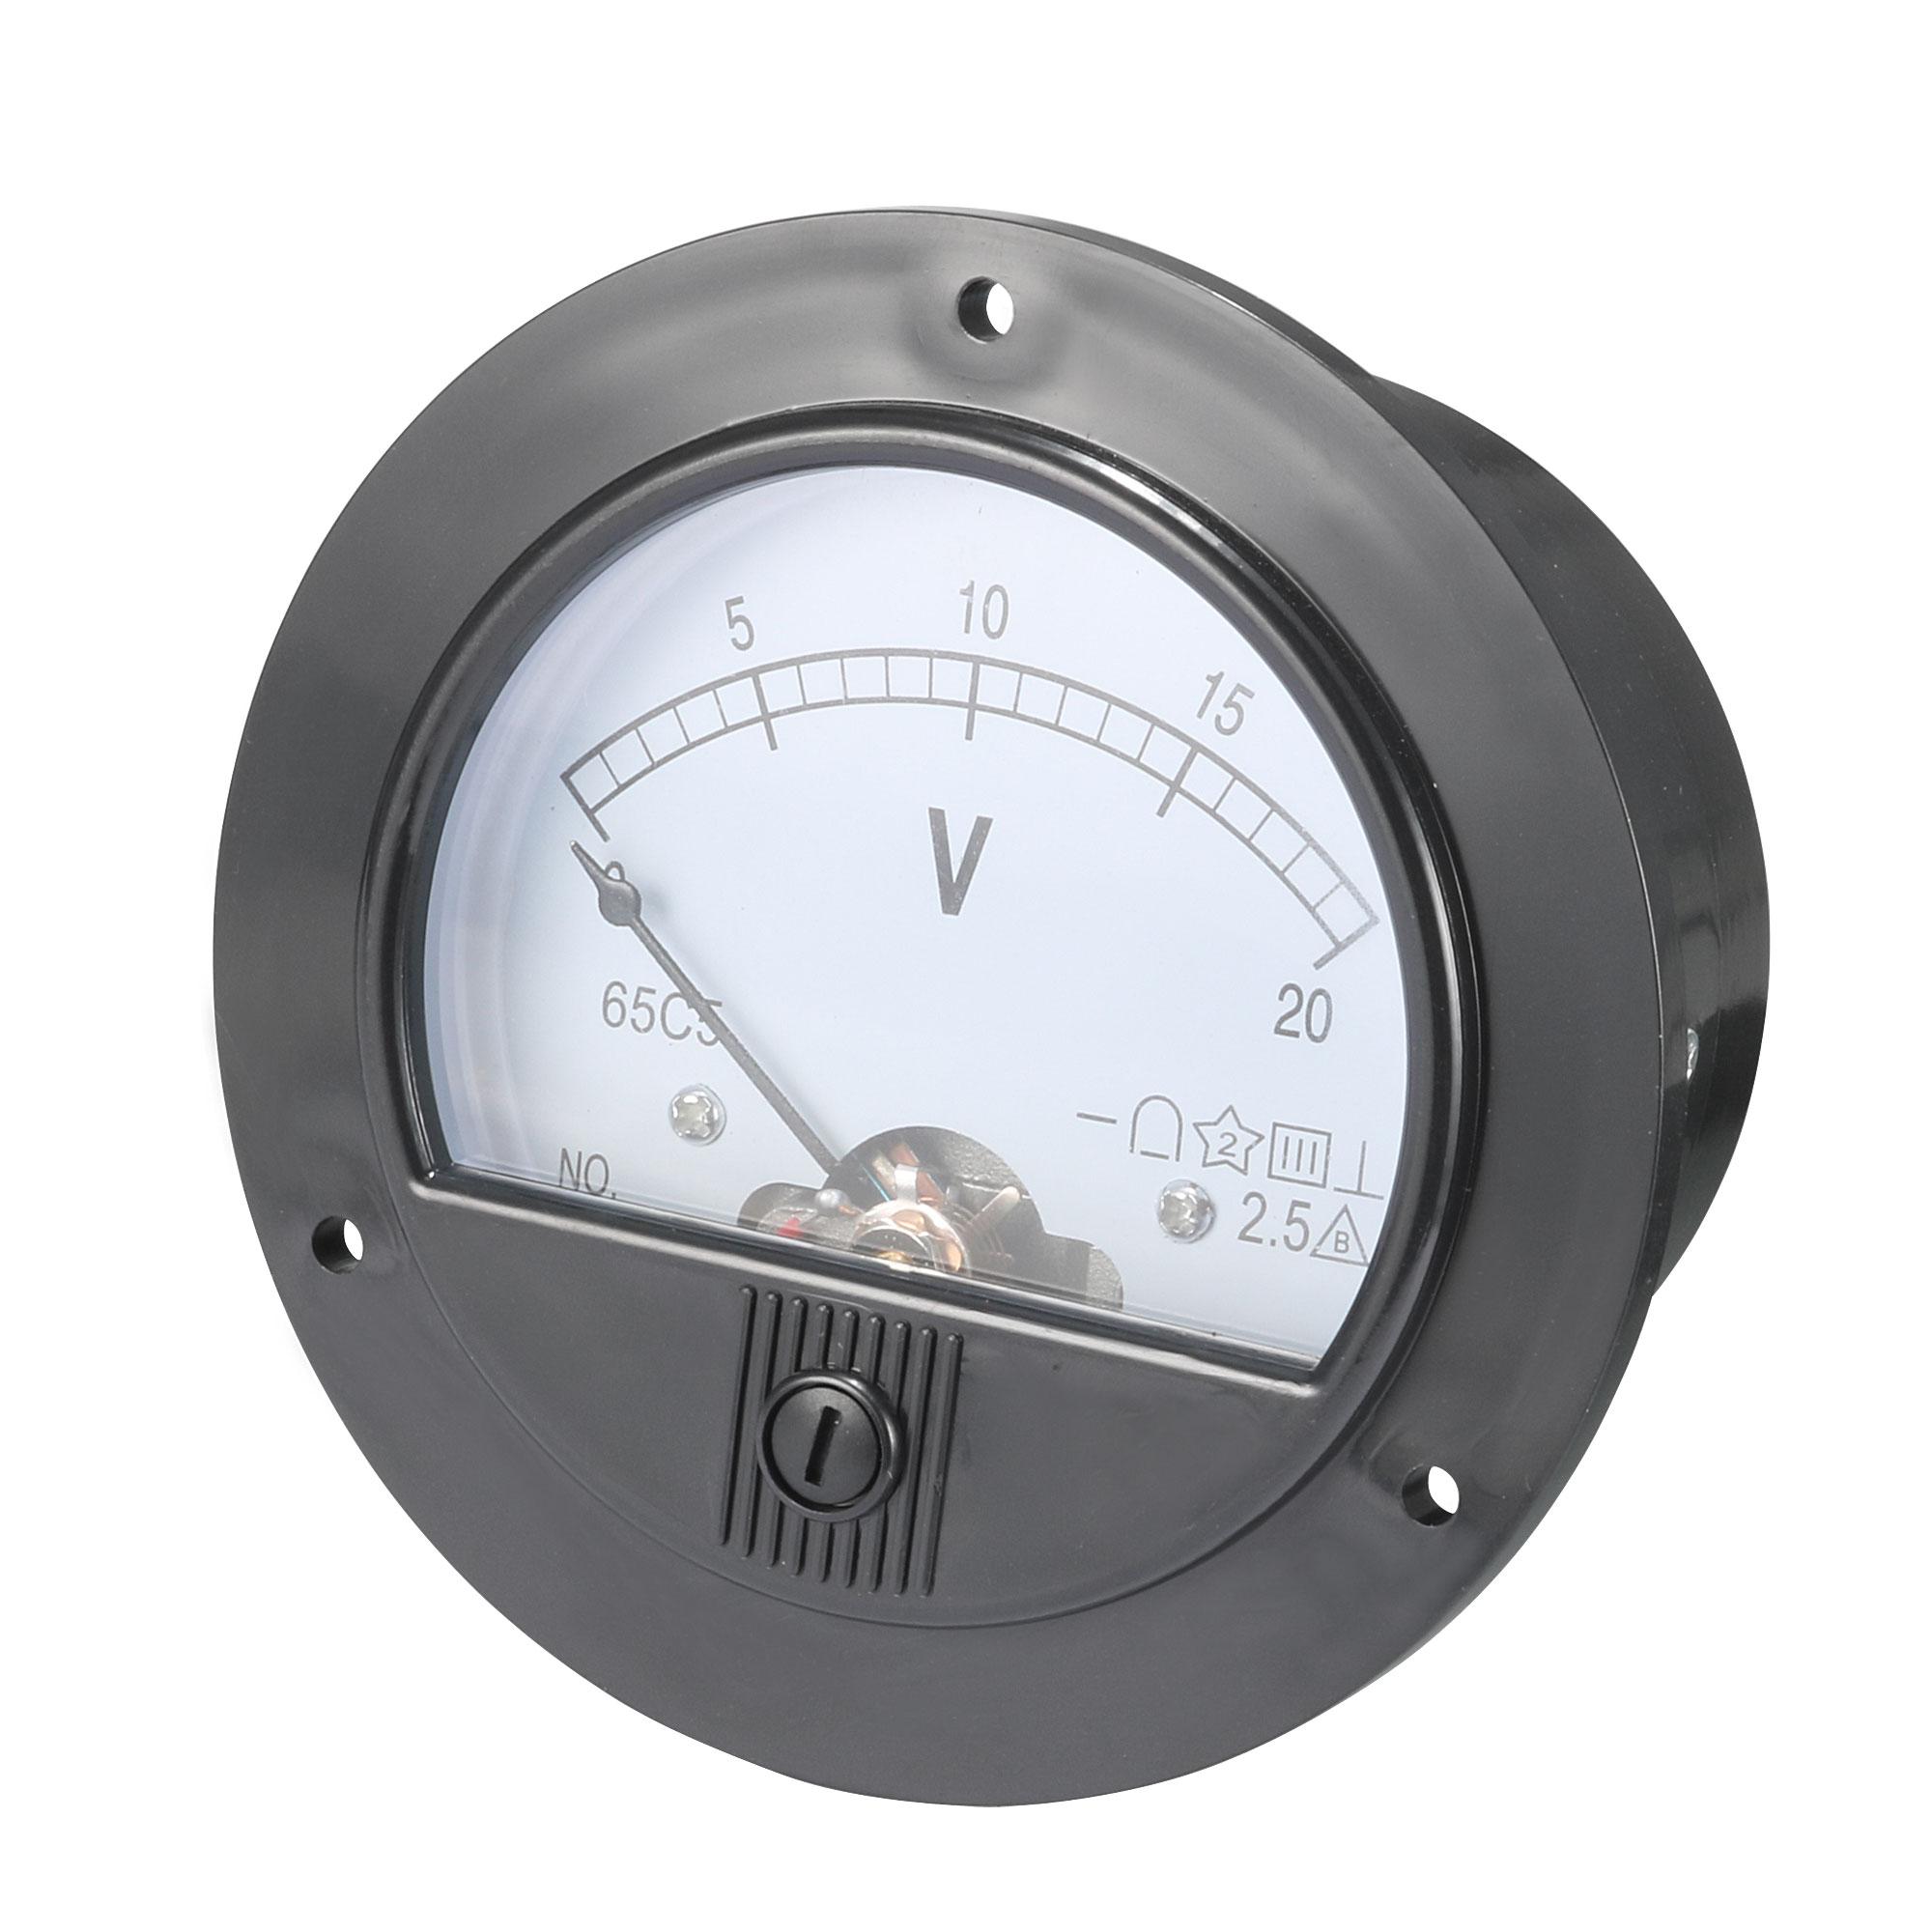 DC 0-20V Round Analogue Panel Meter Volt Voltage Gauge Analog Voltmeter